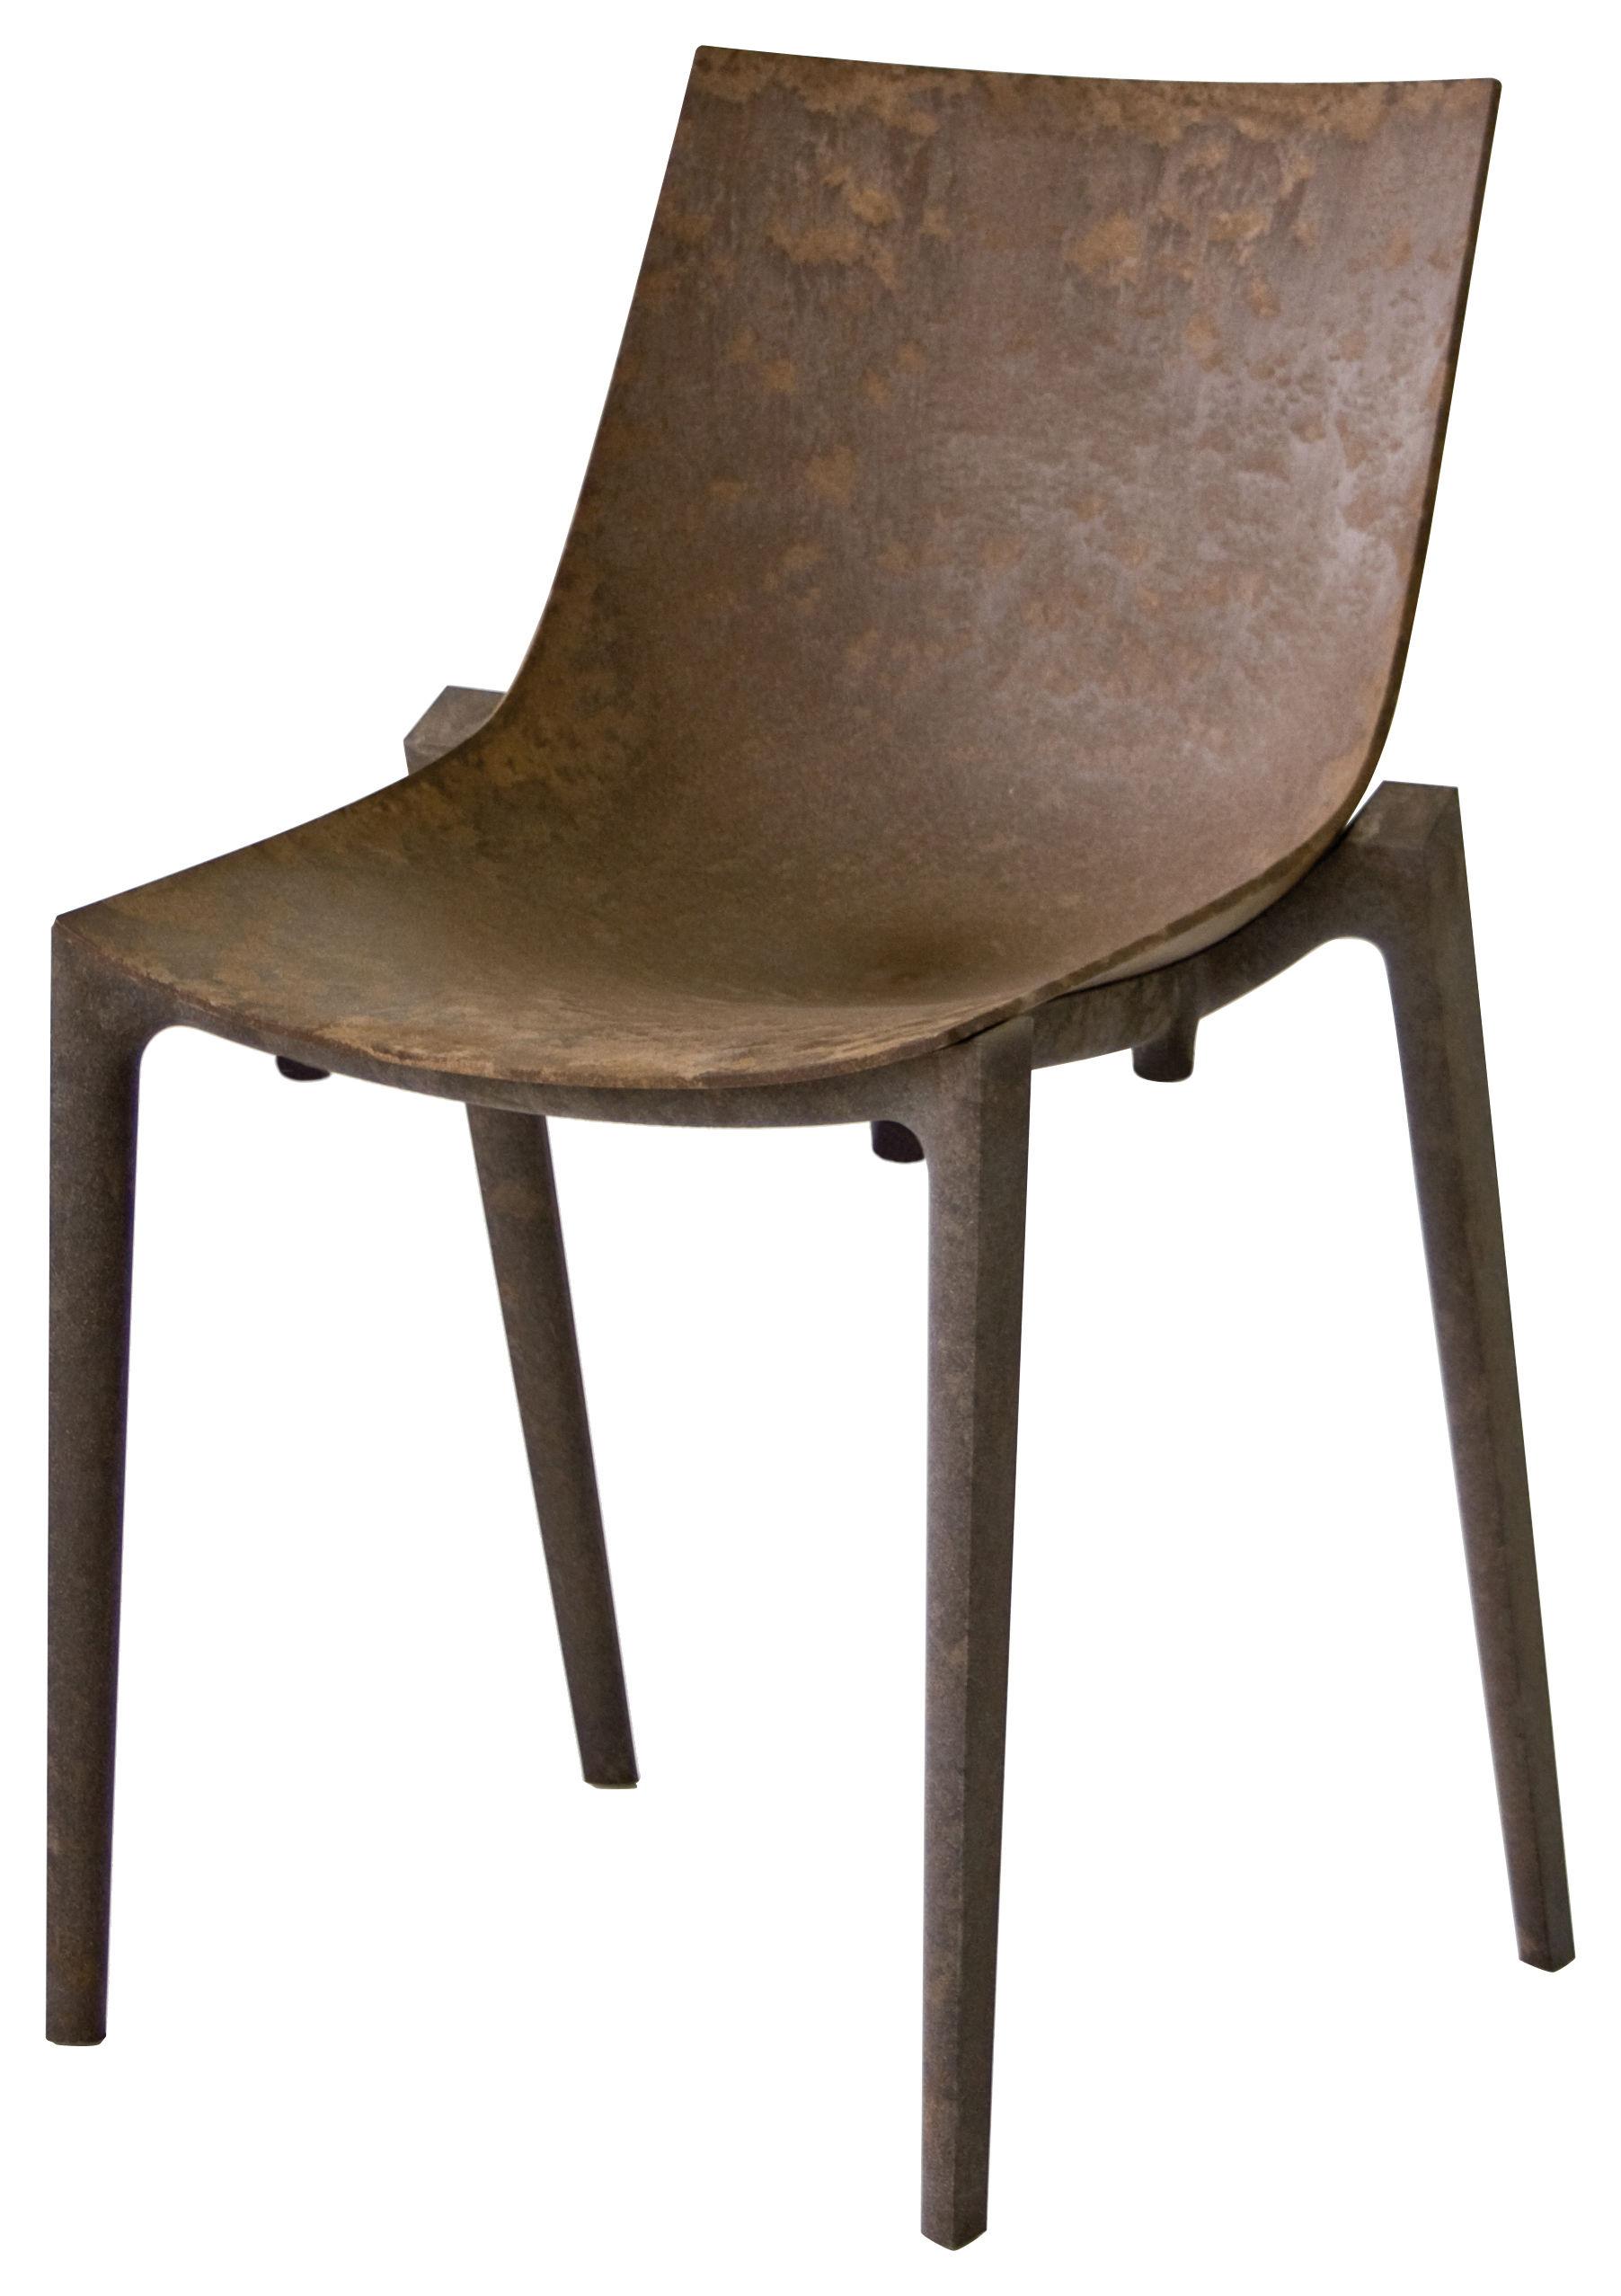 Arredamento - Sedia impilabile Zartan Raw - /Ideata da Philippe Starck di Magis - Segatura - Fibra di legno, Polipropilene riciclato